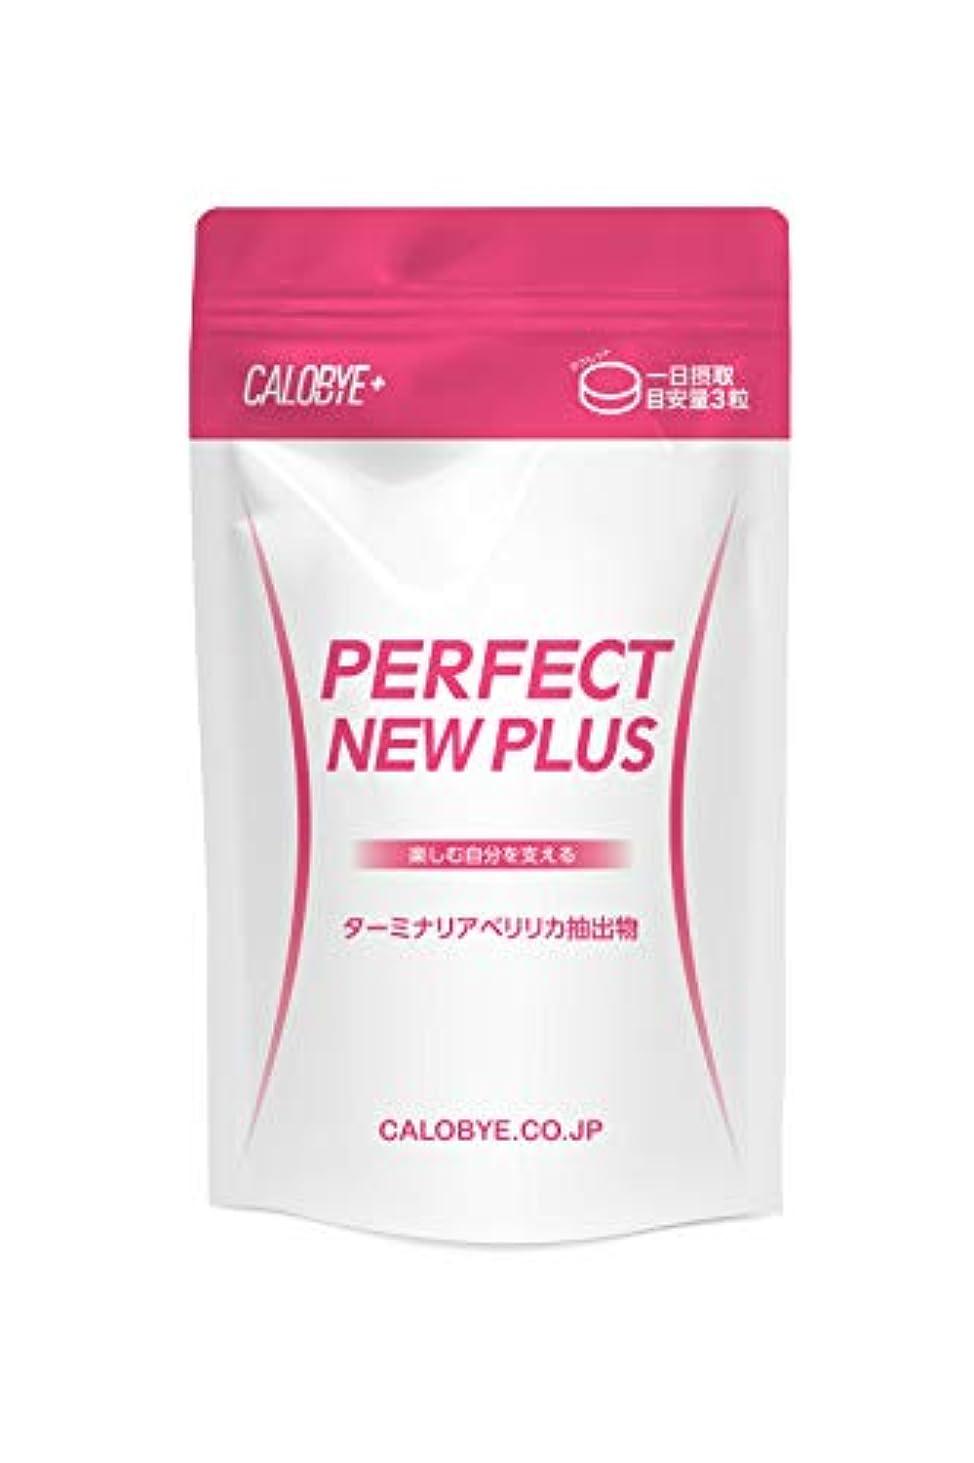 手首置き場緊急【カロバイプラス公式】CALOBYE+ Perfect New Plus(カロバイプラス?パーフェクトニュープラス)